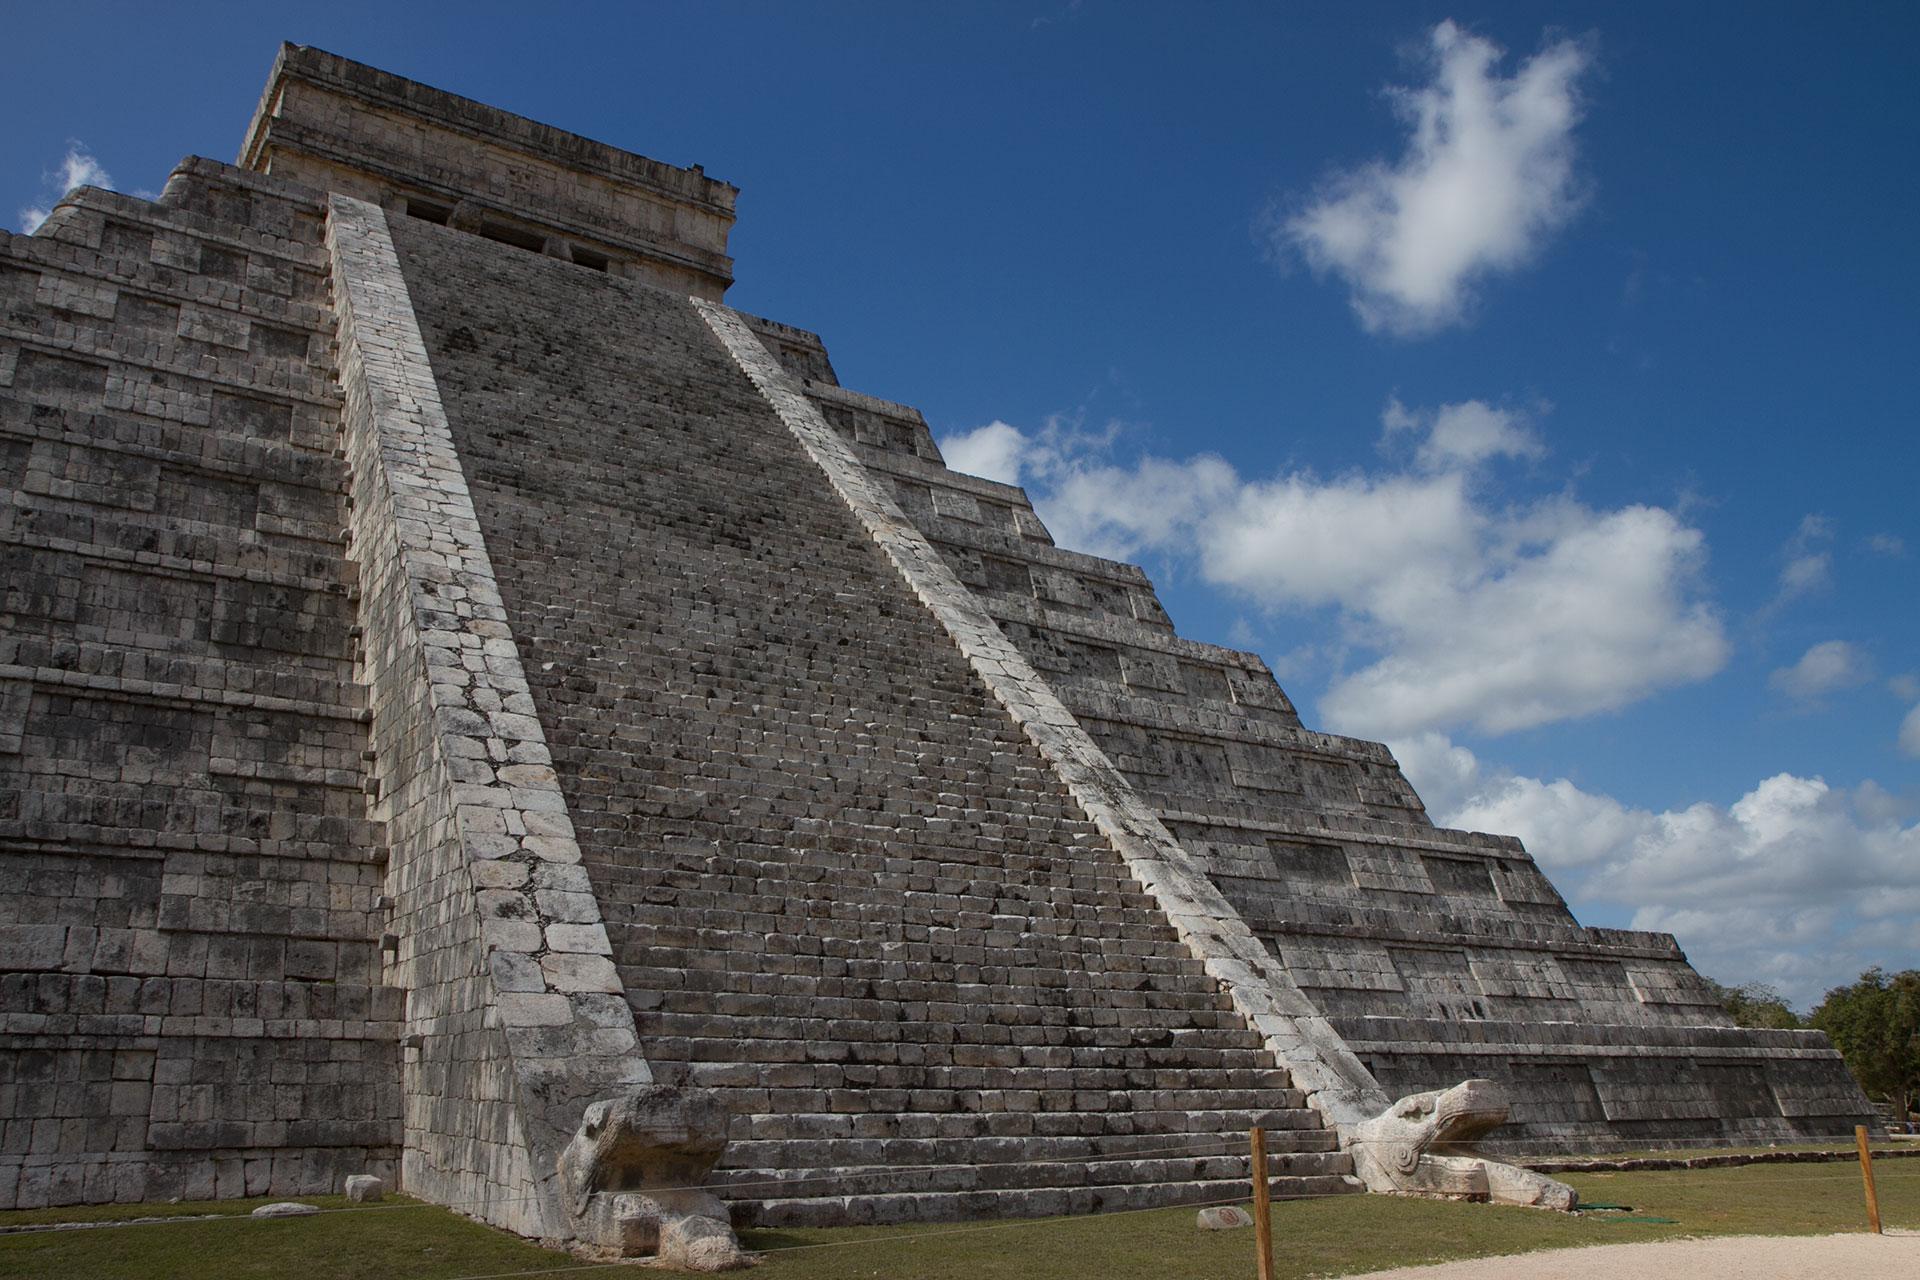 Chichen Itza ruins, Yucatan